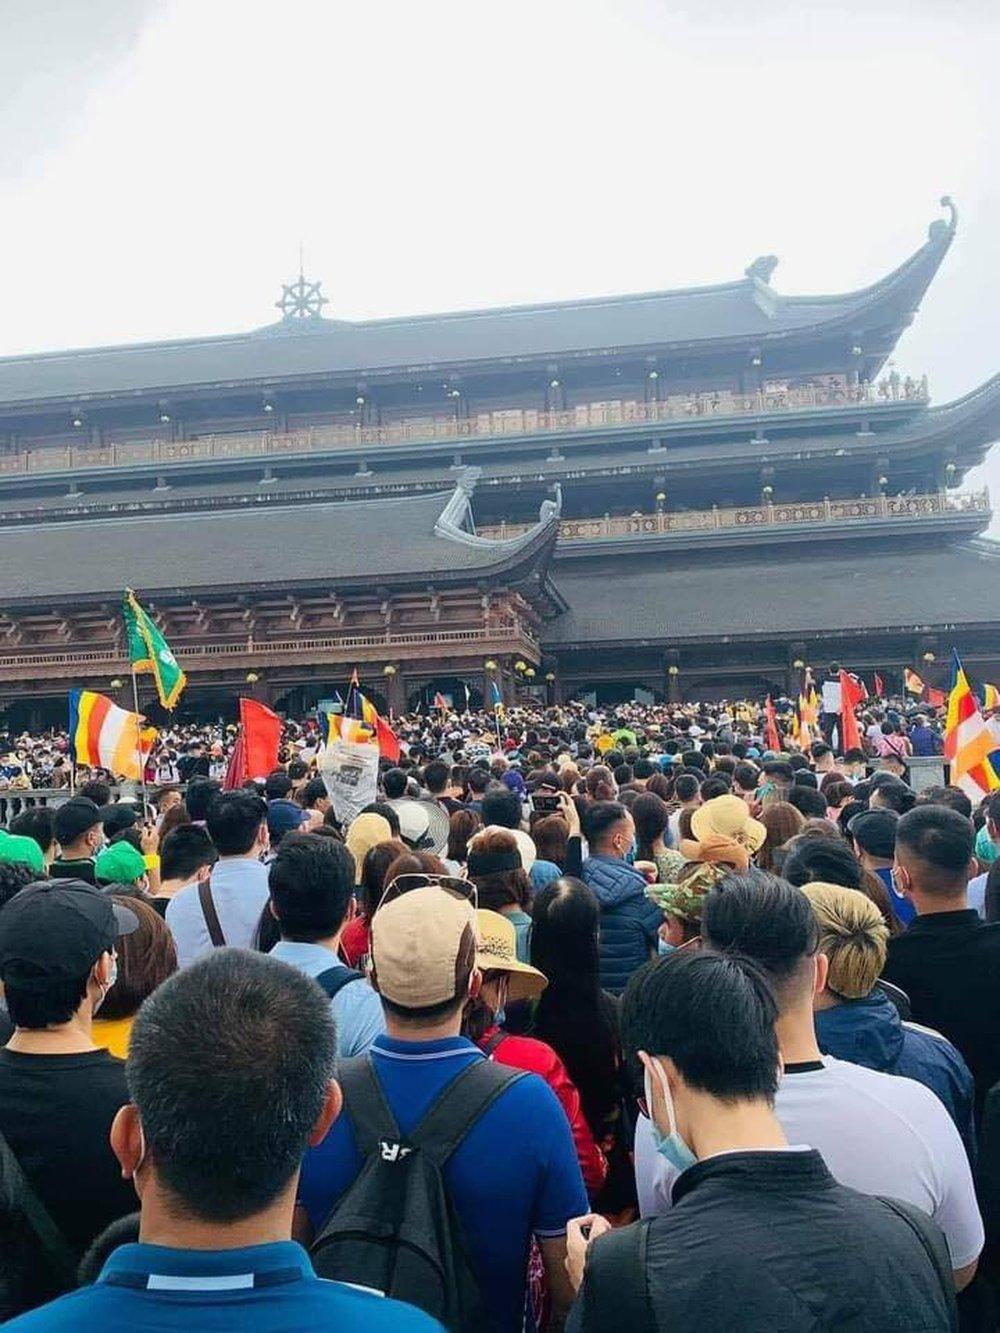 Sau việc biển người ở chùa Tam Chúc, Bộ Văn hoá, Giáo hội Phật giáo chỉ đạo gấp phòng, chống dịch Covid-19 - Ảnh 3.